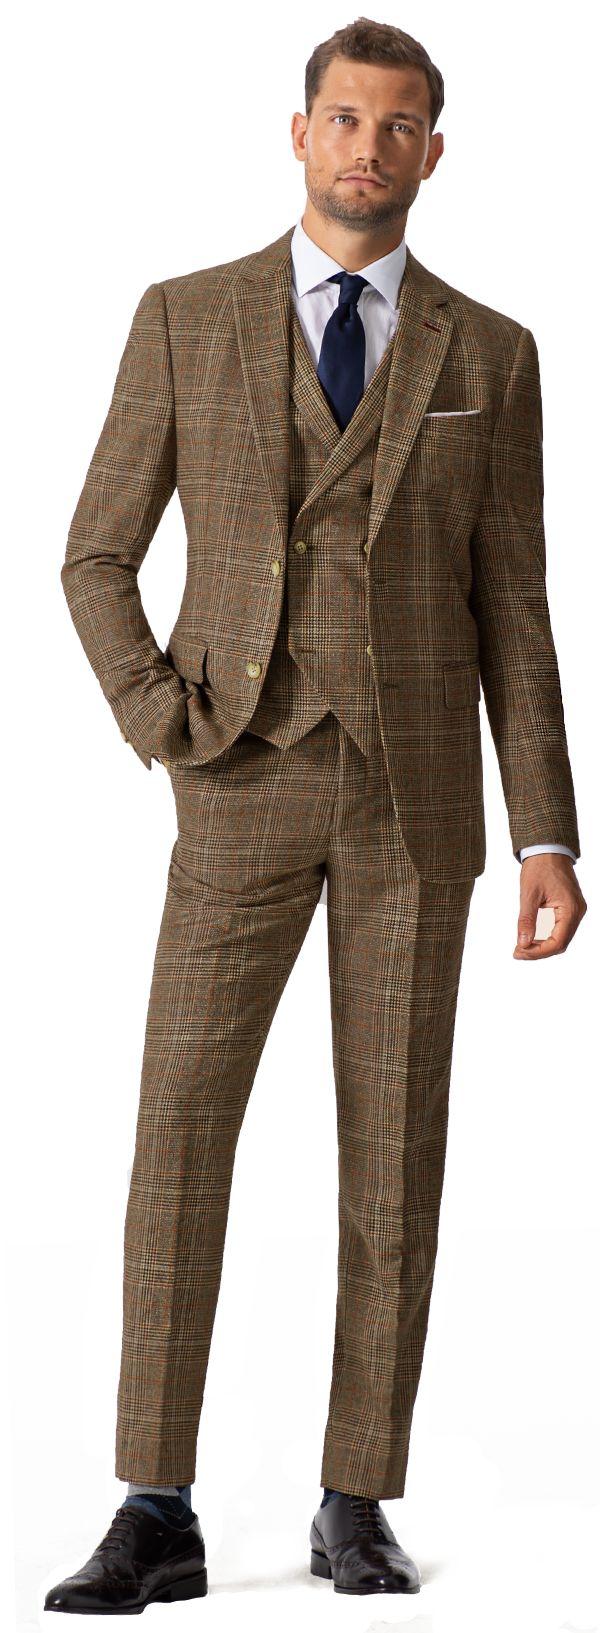 Dreiteiliger Tweed Anzug